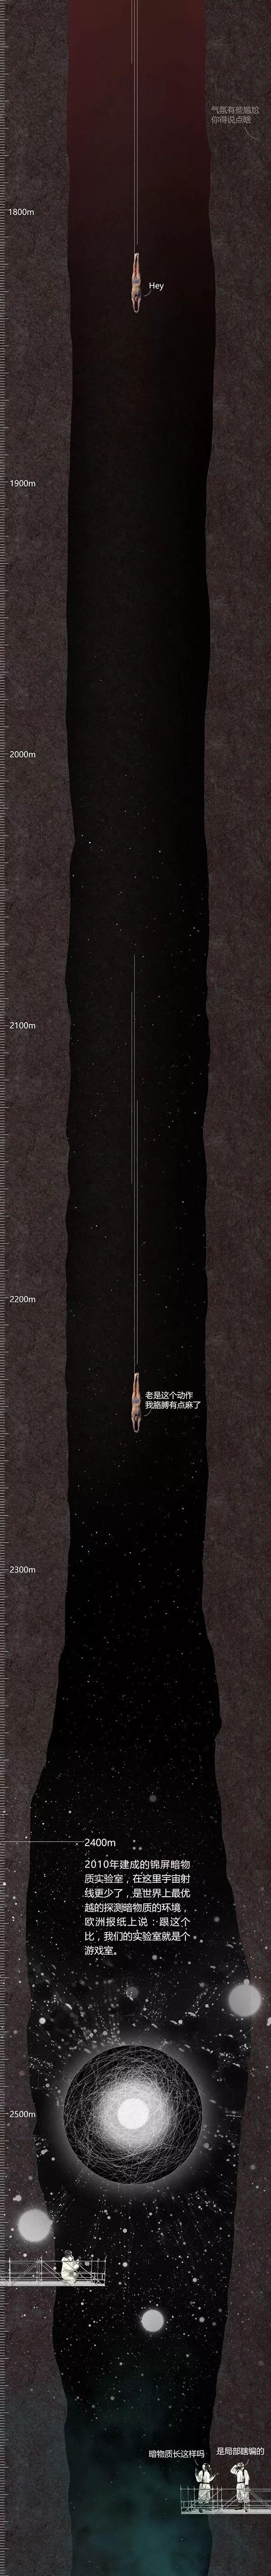 【荐读】掉入地下一万米,看见了啥?